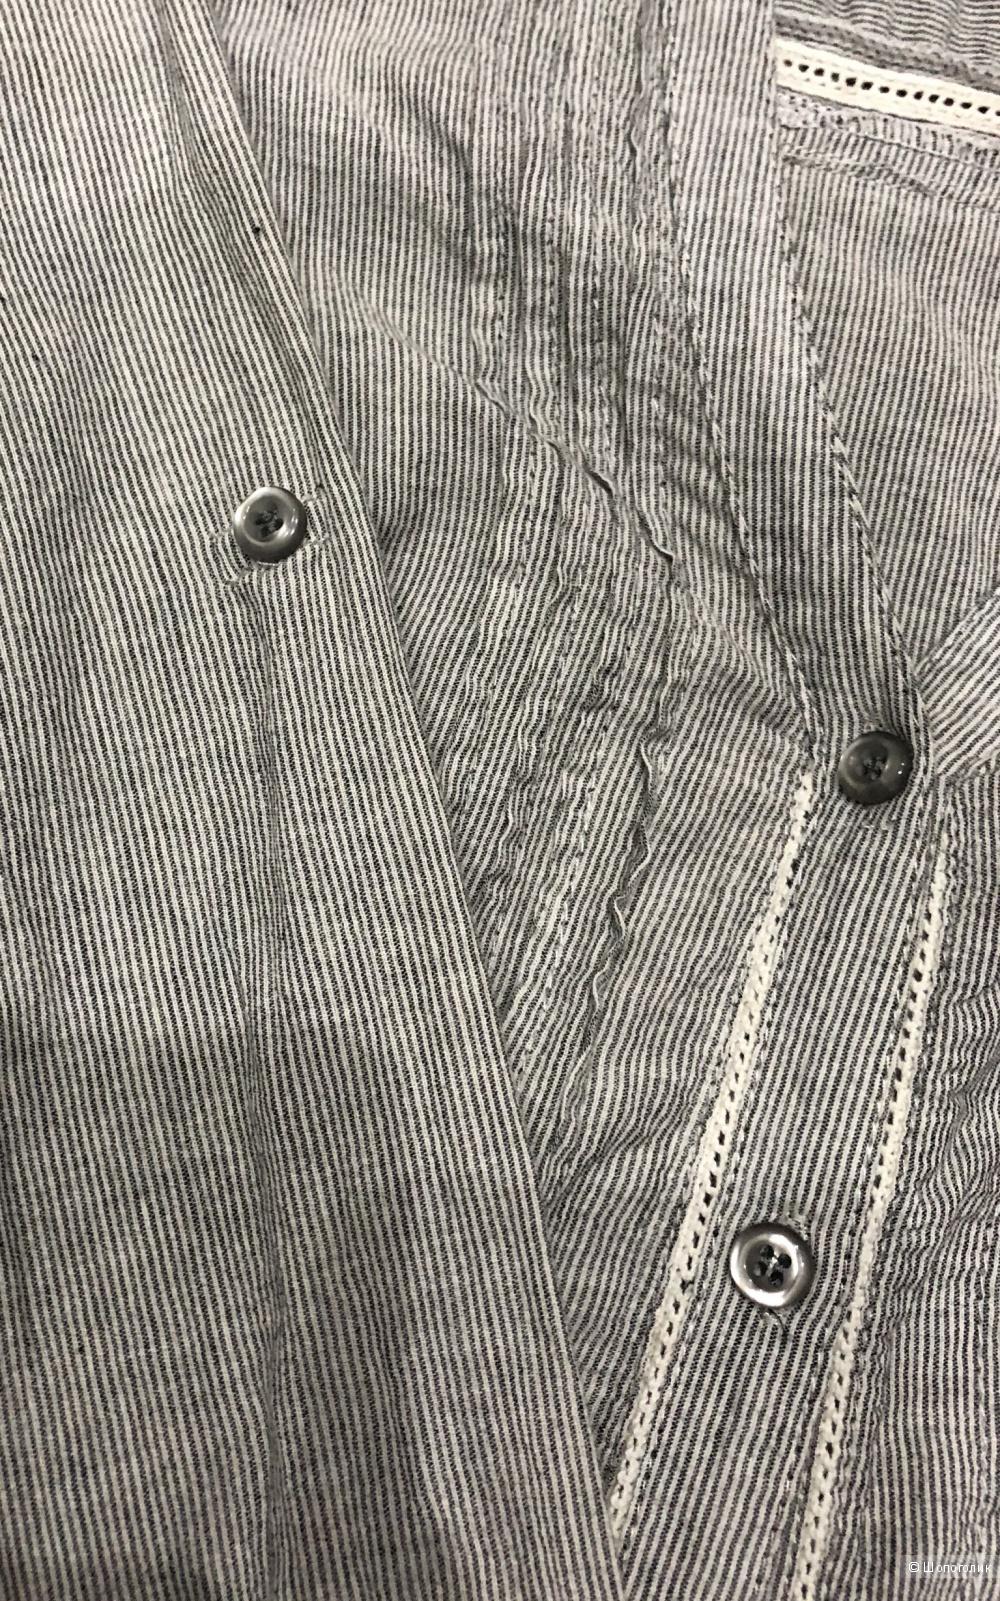 Рубашка Candida. Размер s